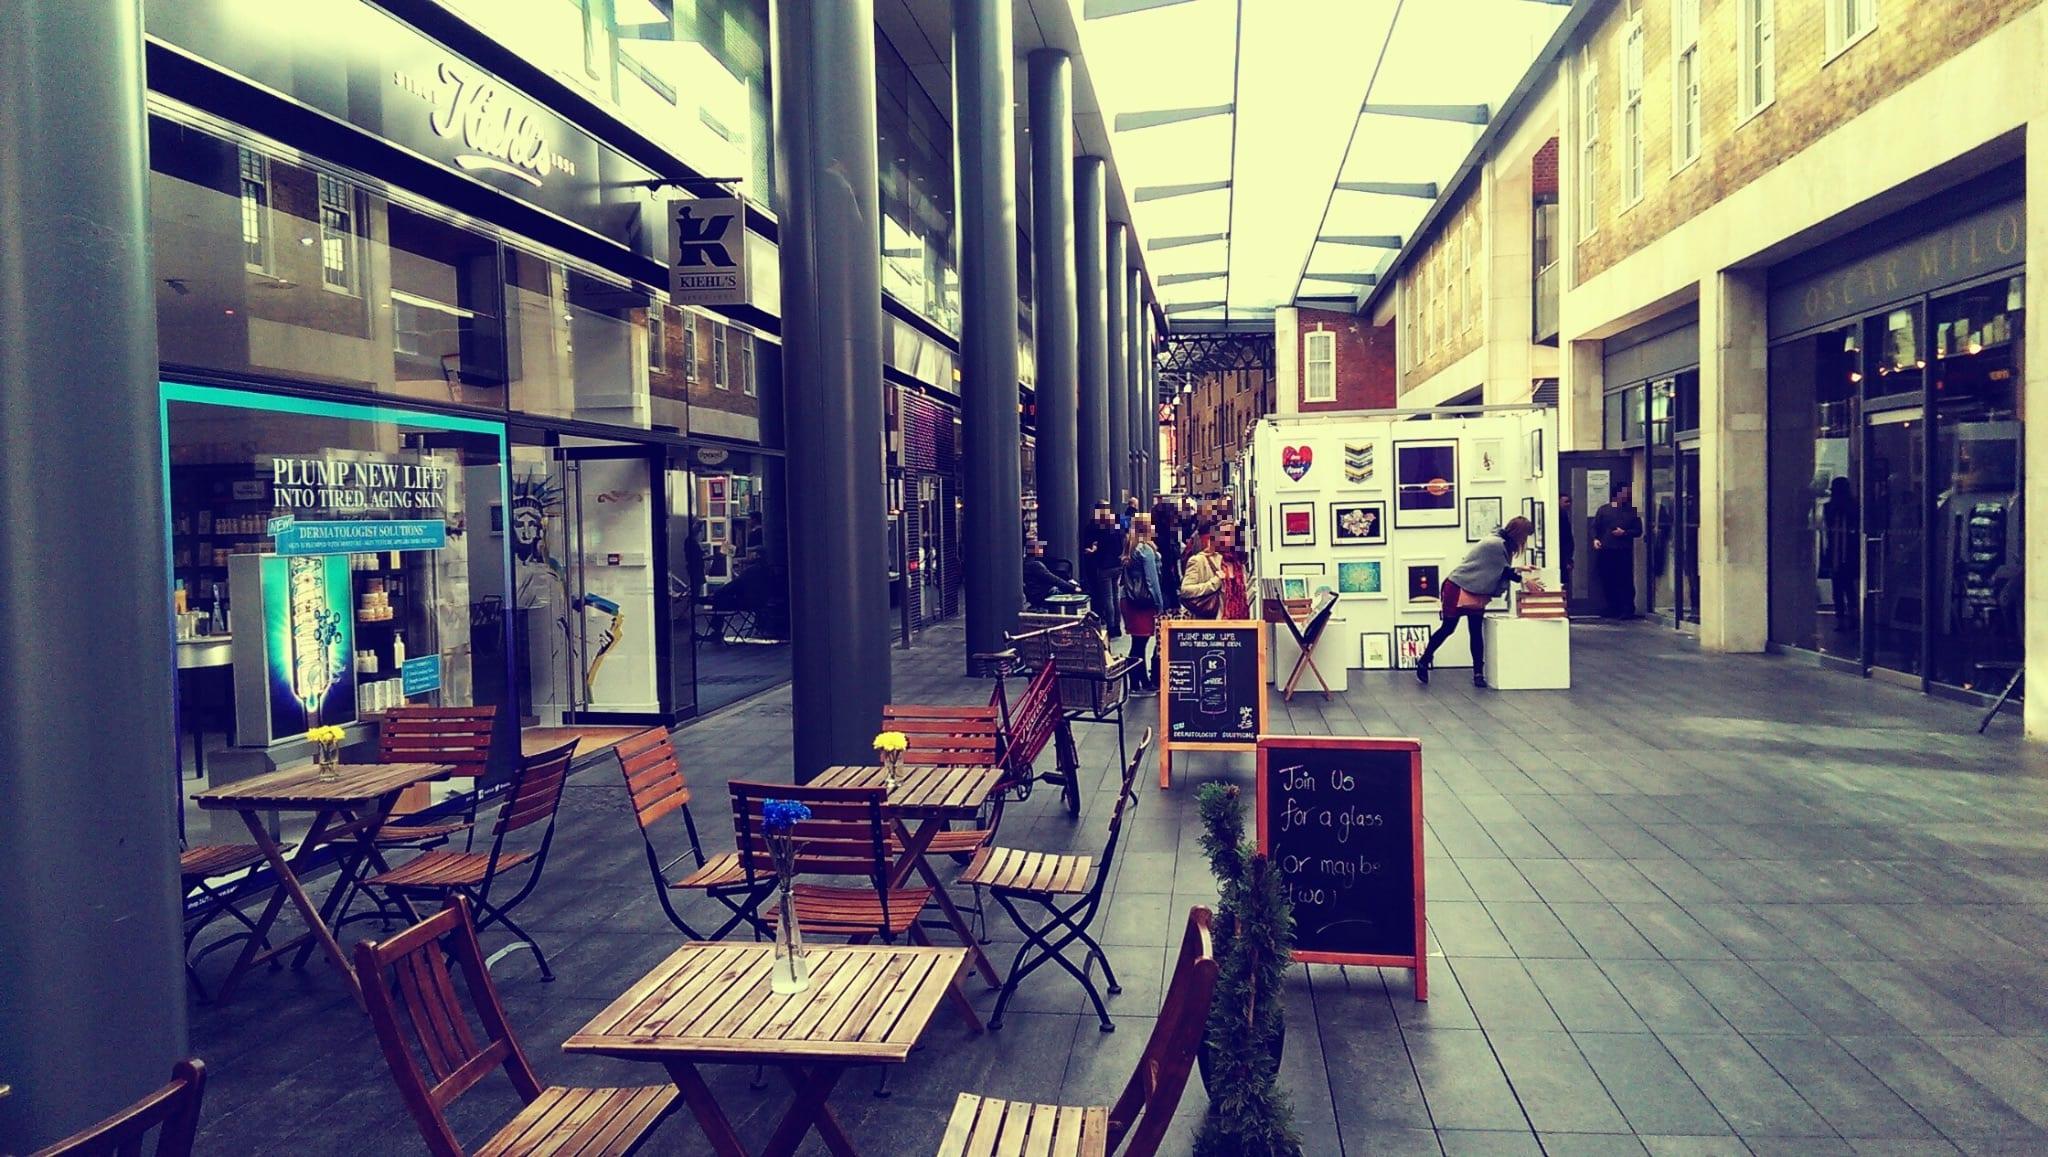 Der Markt ist umgeben von vielen leckeren und gemütlichen Restaurants sowie kleinen Läden